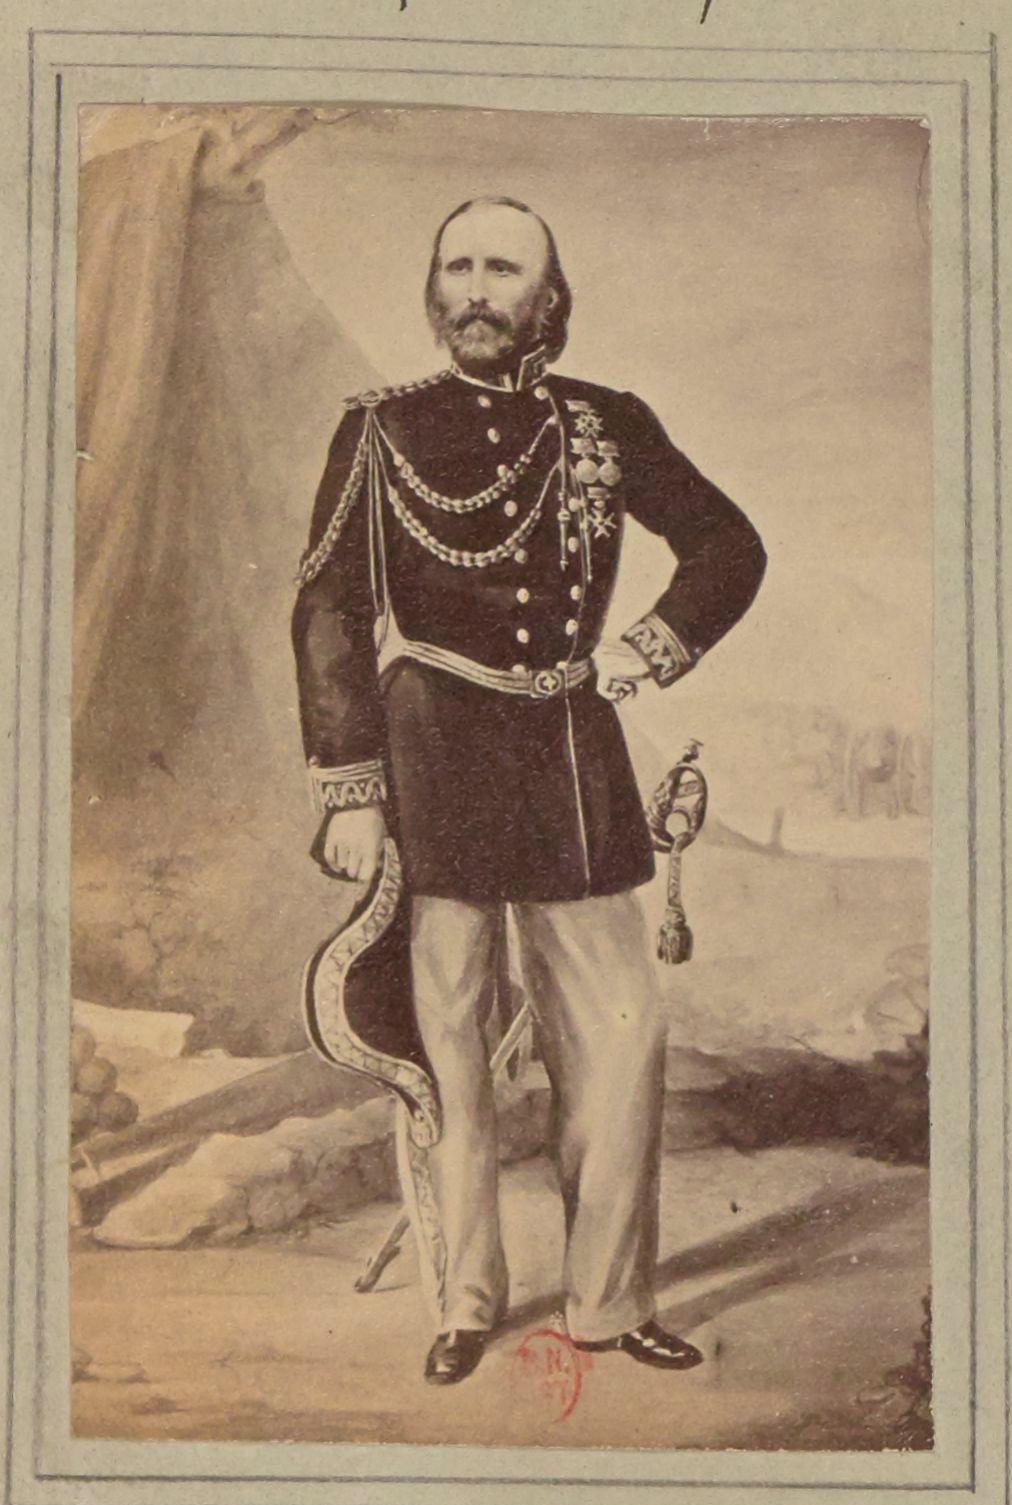 1859. Джузеппе Гарибальди (4 июля 1807, Ницца — 2 июня 1882, остров Капрера) — итальянский полководец, революционер и политический деятель